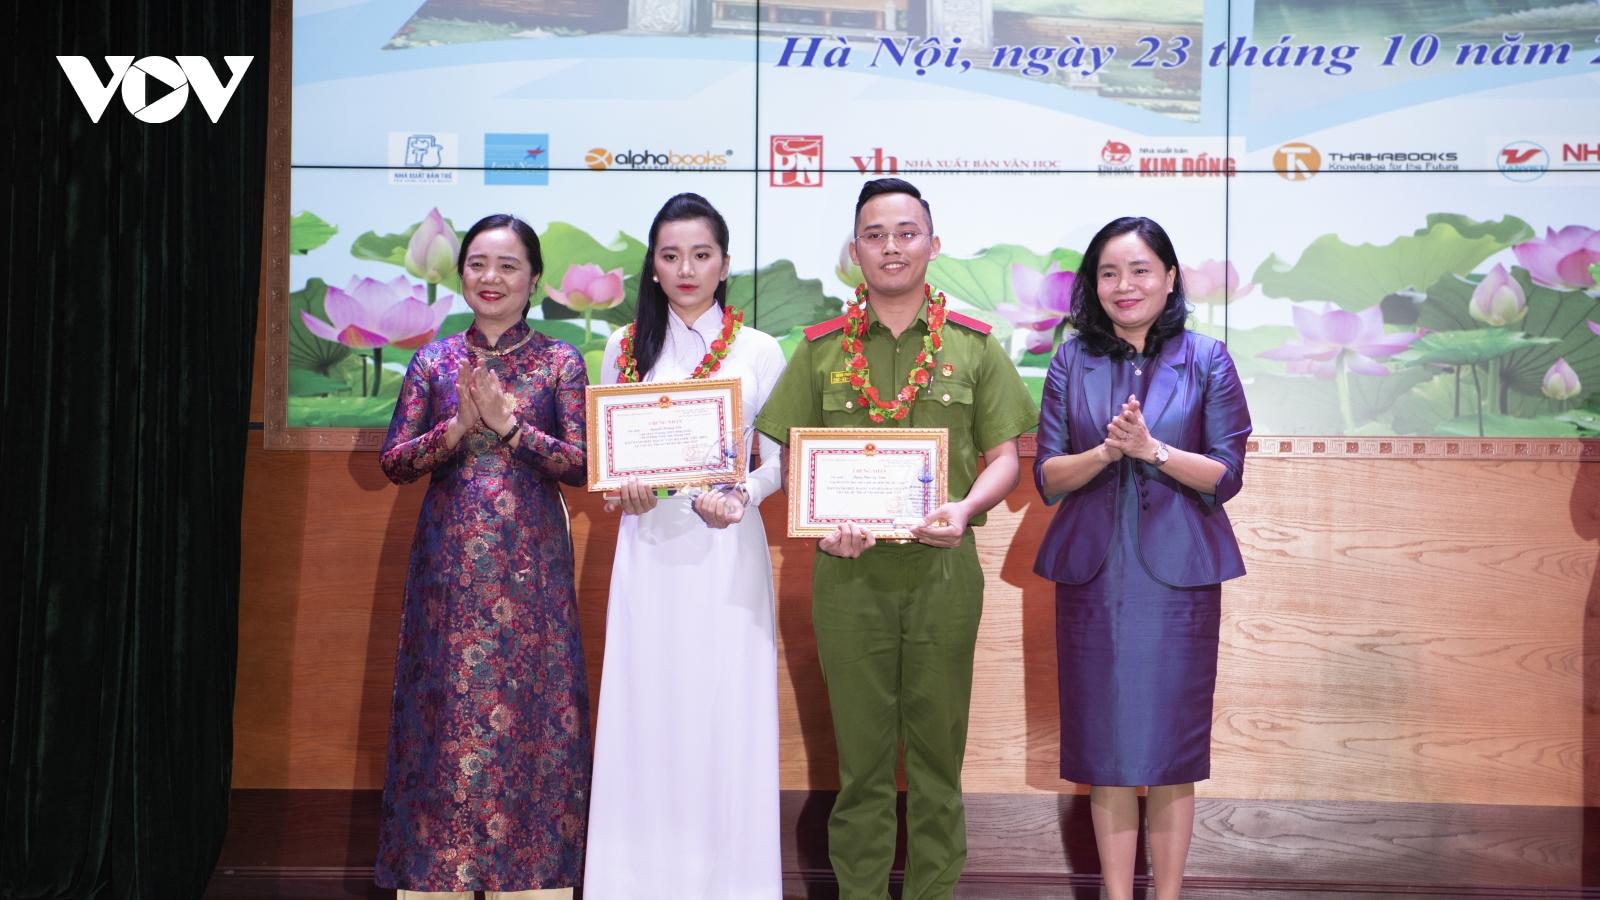 Trao giải cuộc thi và công bố Đại sứ văn hoá đọc 2020